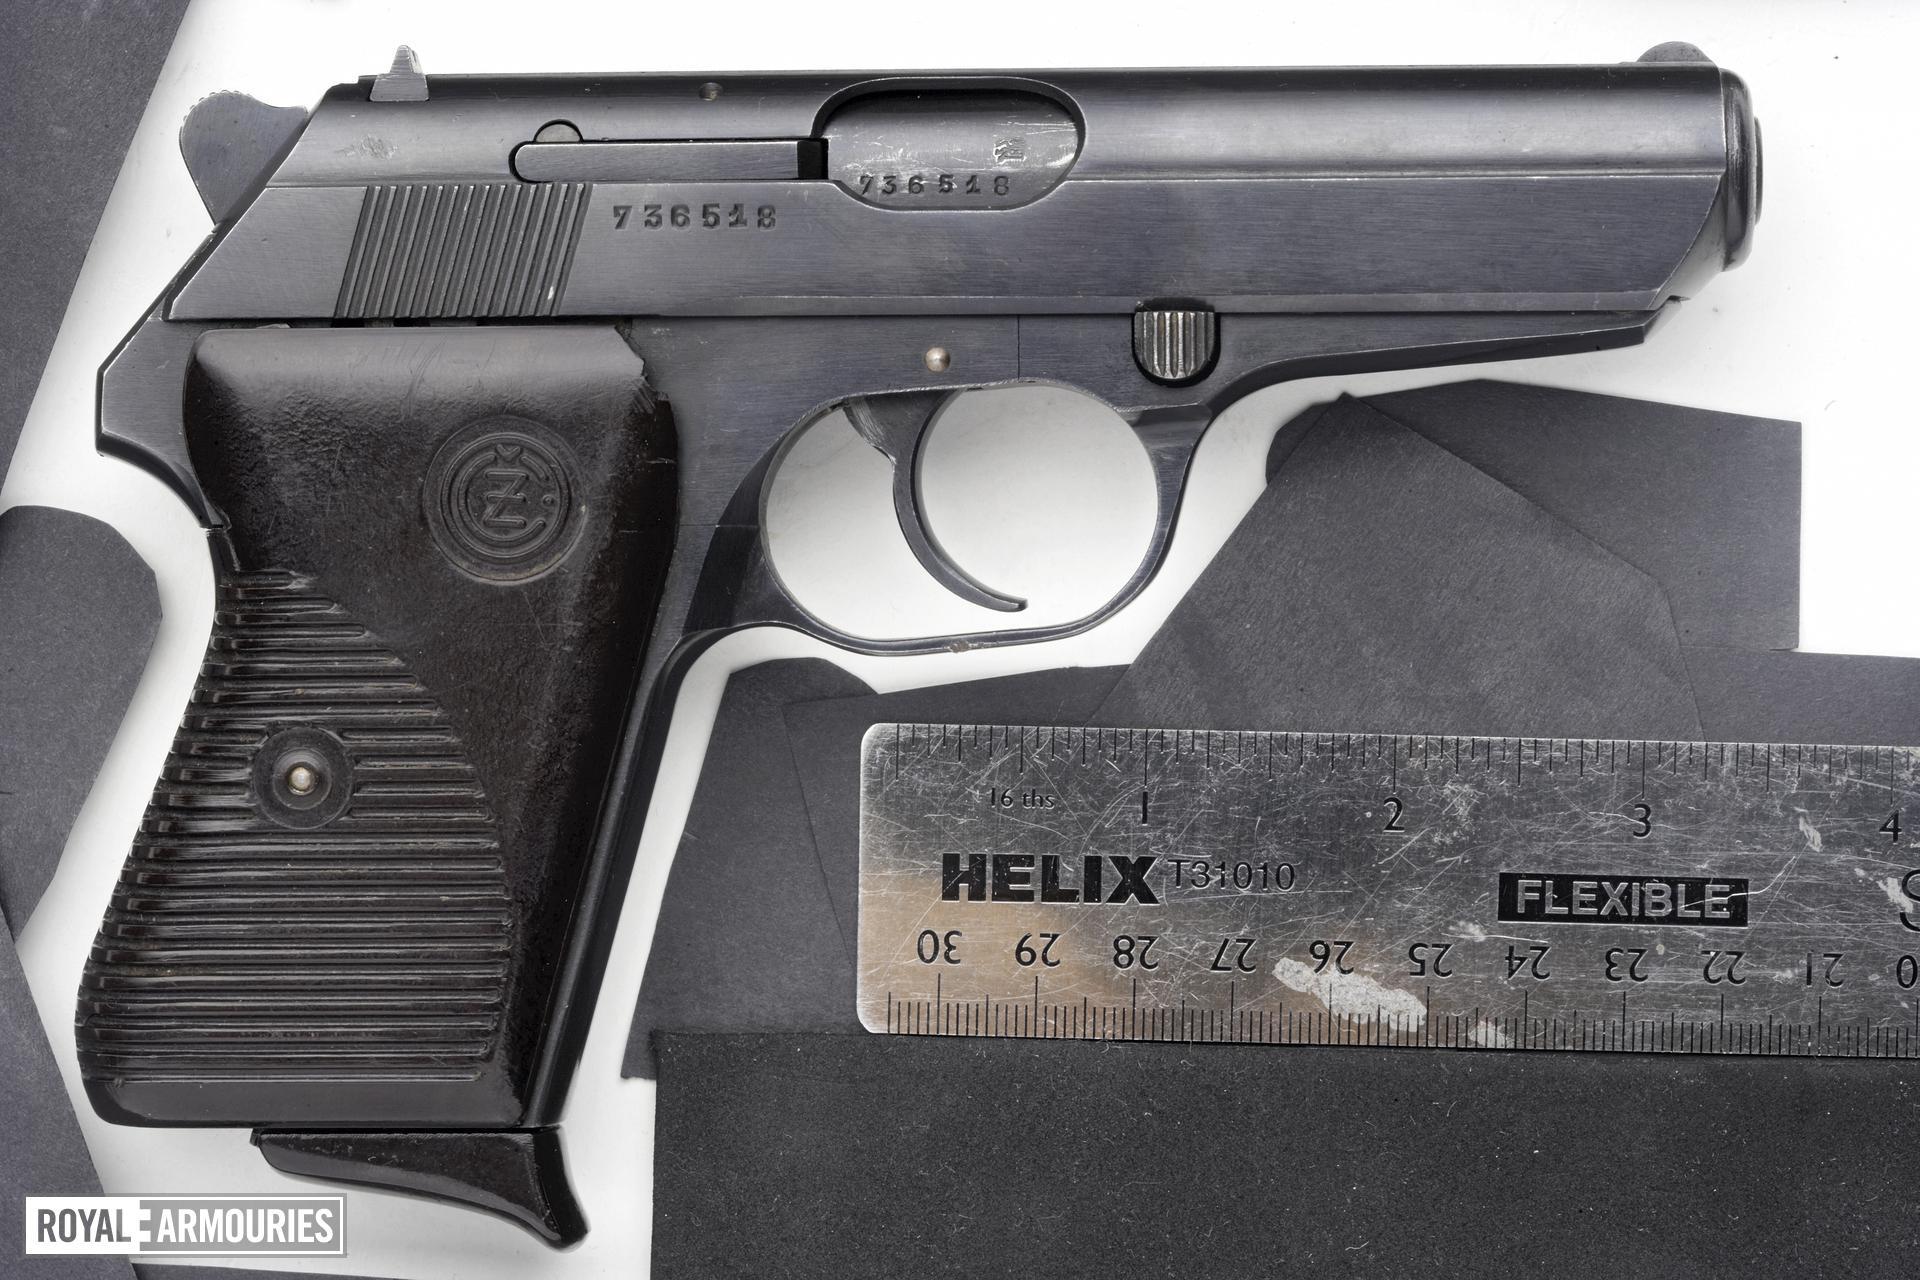 Centrefire self-loading pistol - CZ VZ50